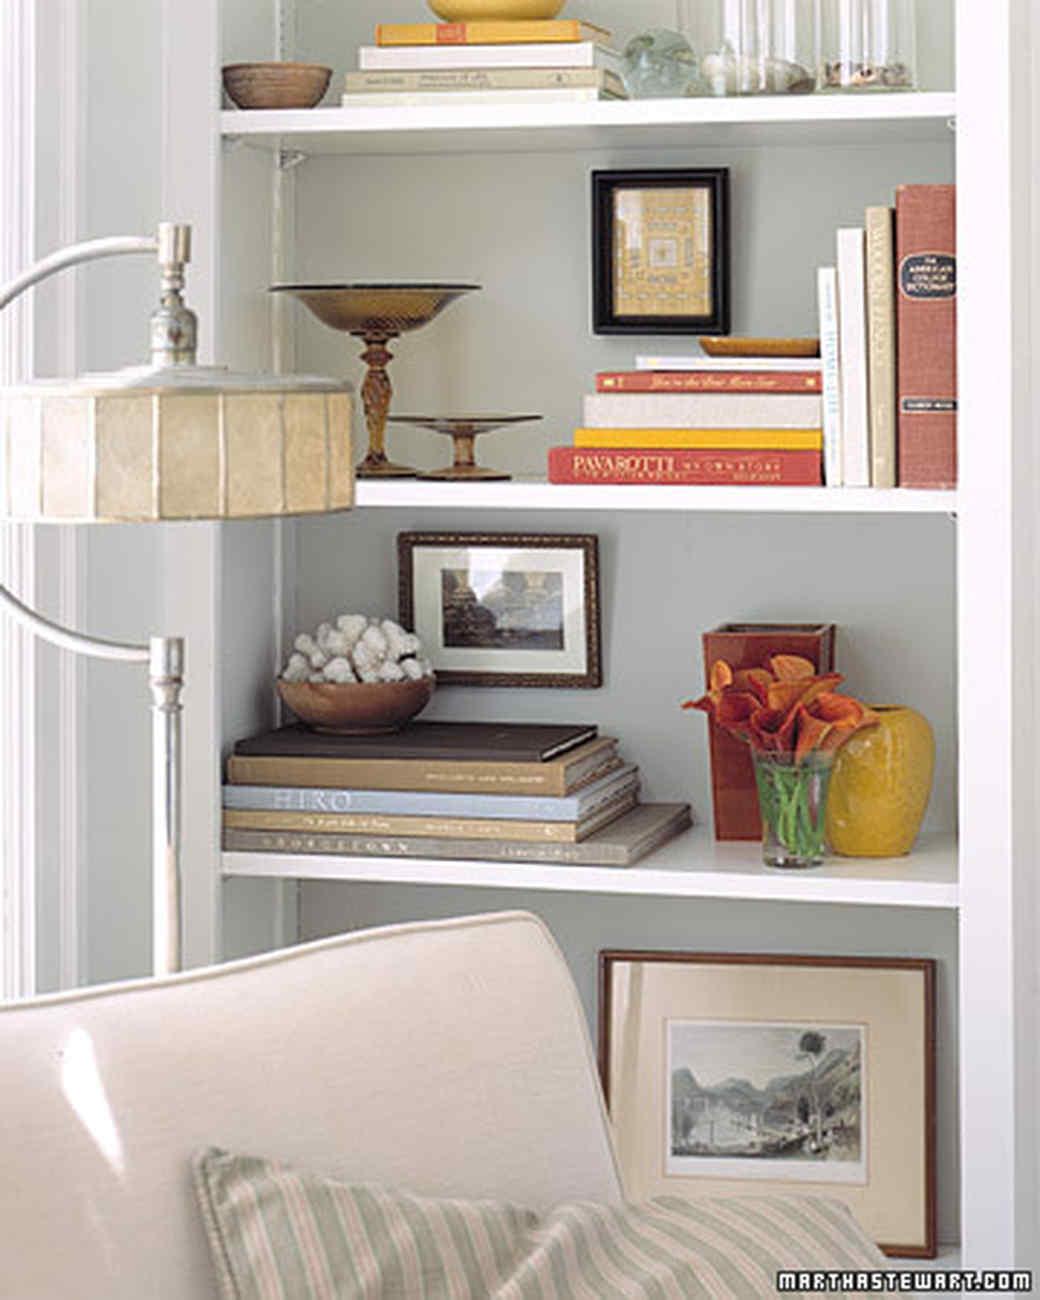 gt02septmsl_shelves.jpg